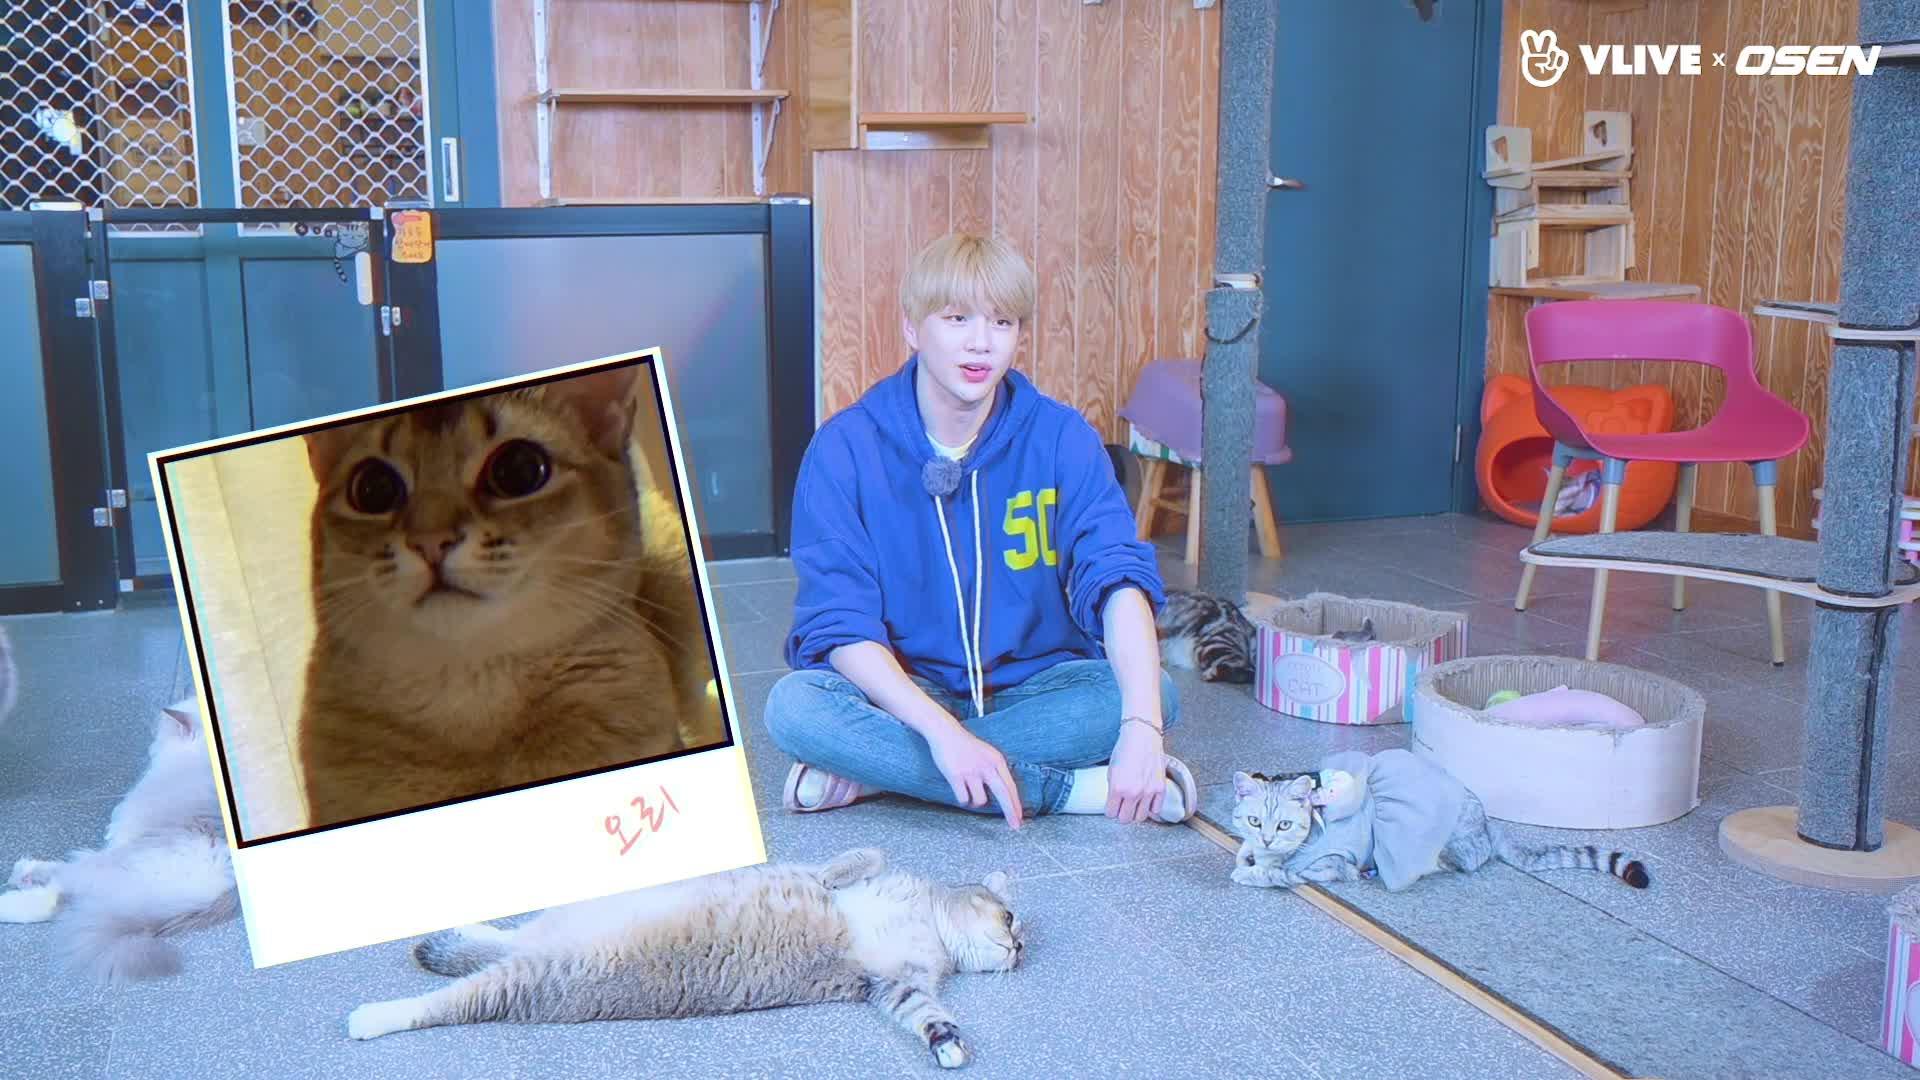 KANGDANIEL 강다니엘, 고양이들과 만난 멈무#스타로드 07